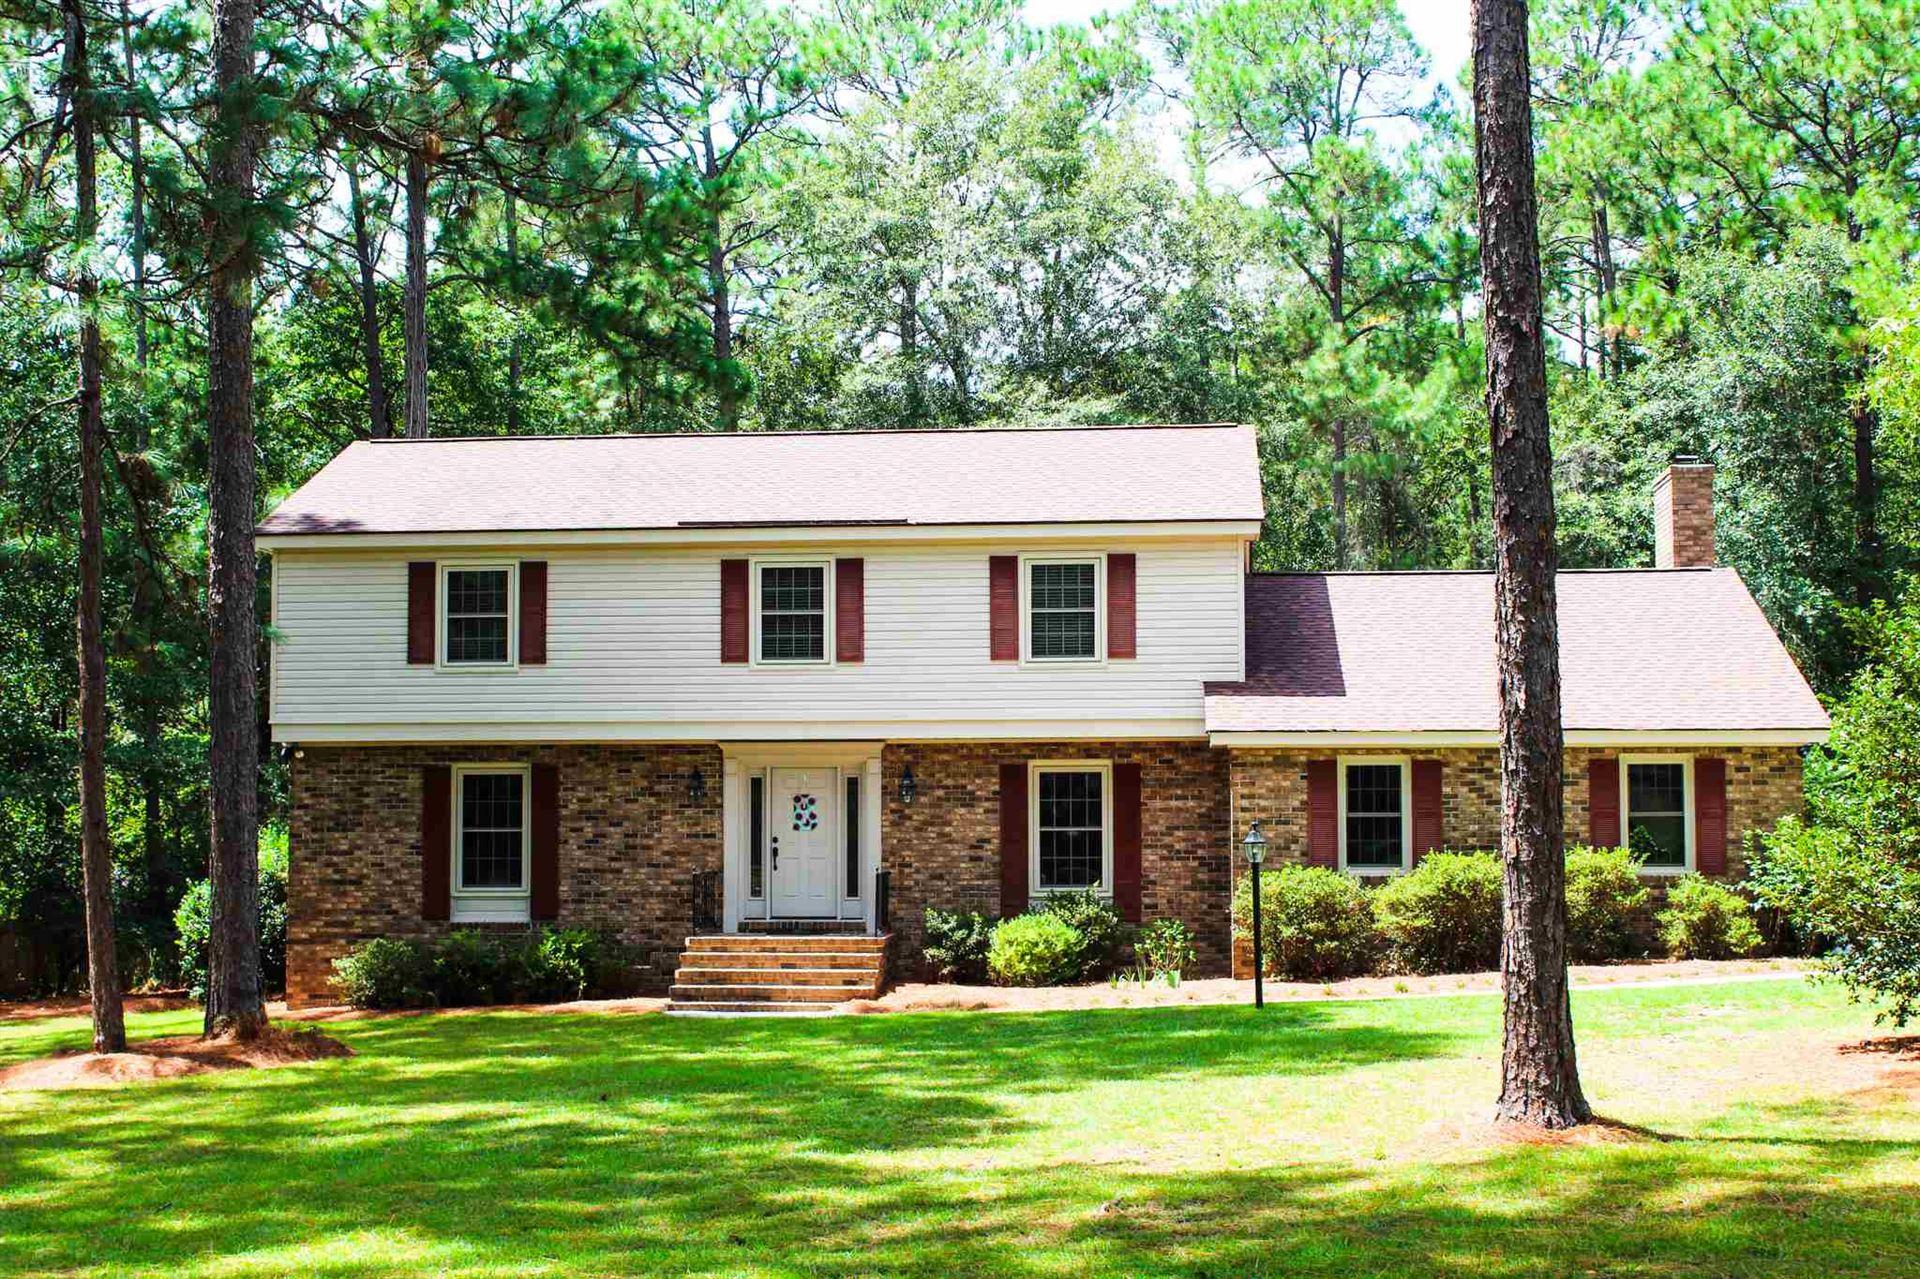 127 Ramblewood Dr, Statesboro, GA 30458 - #: 8856275